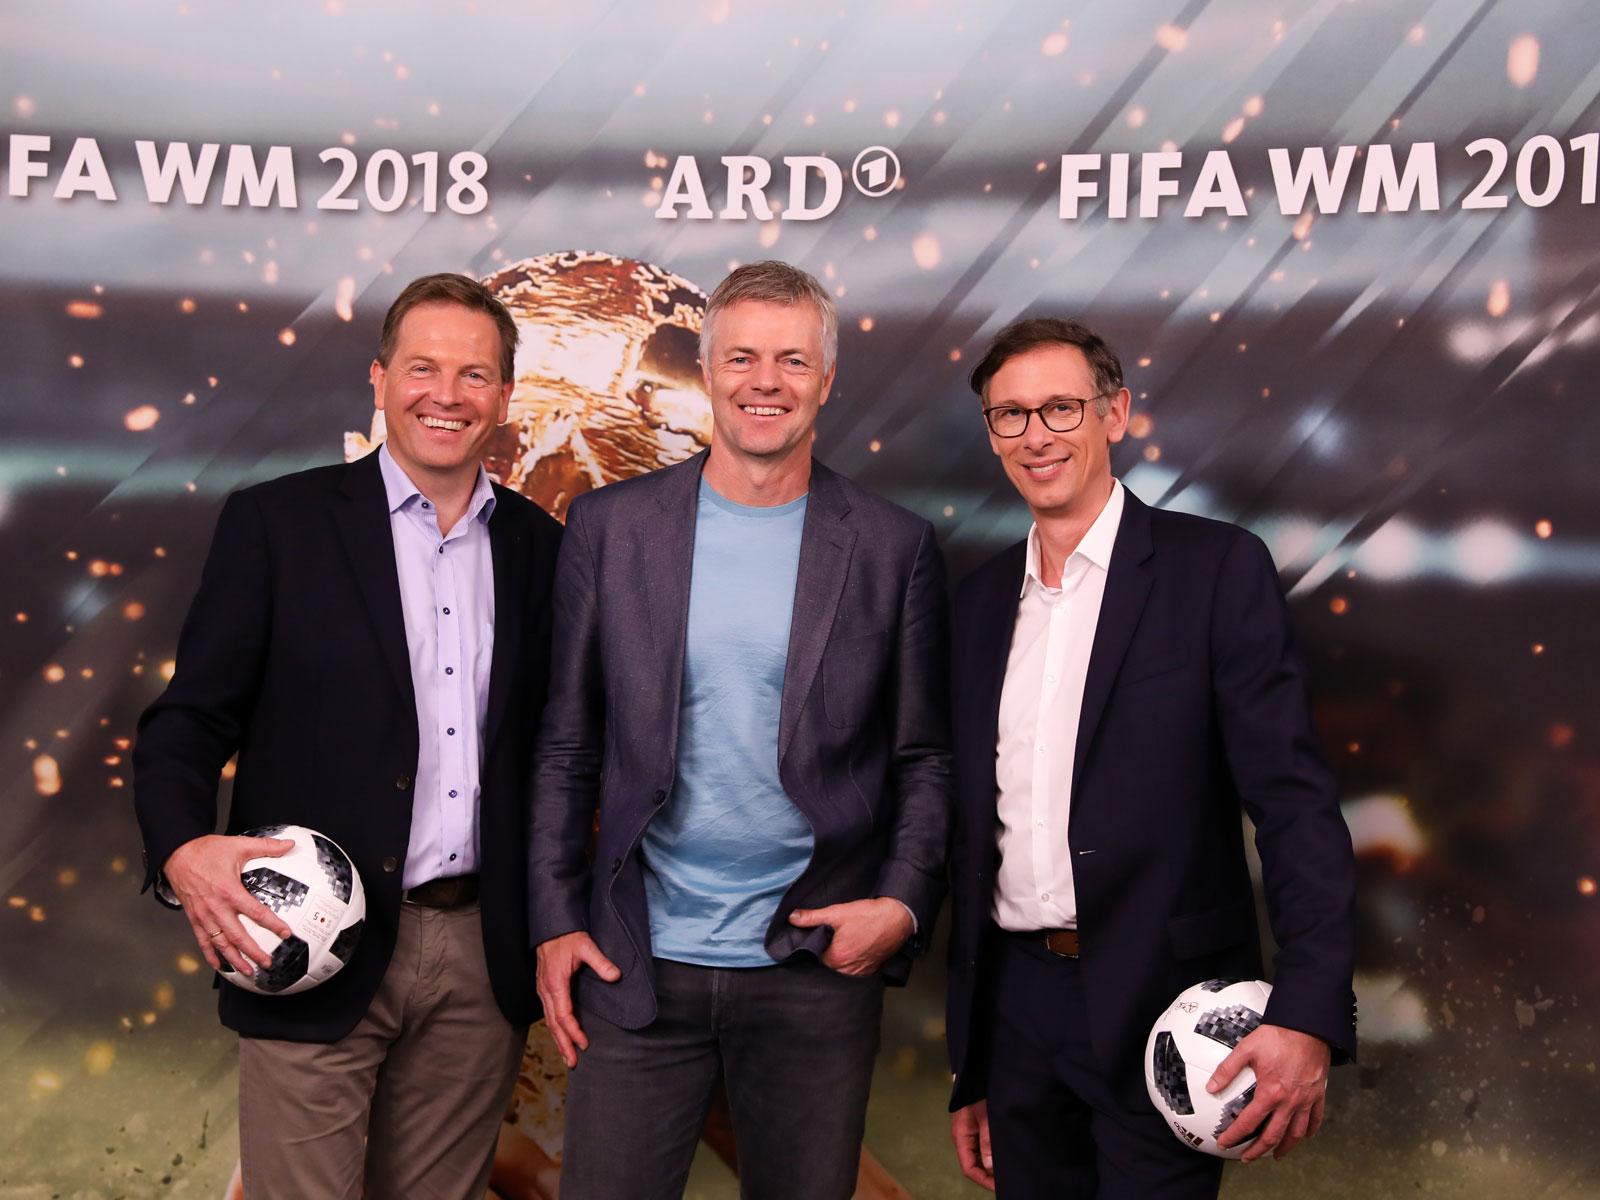 Ard Kommentator Sieht Polnische Fussball Legende Auf Der